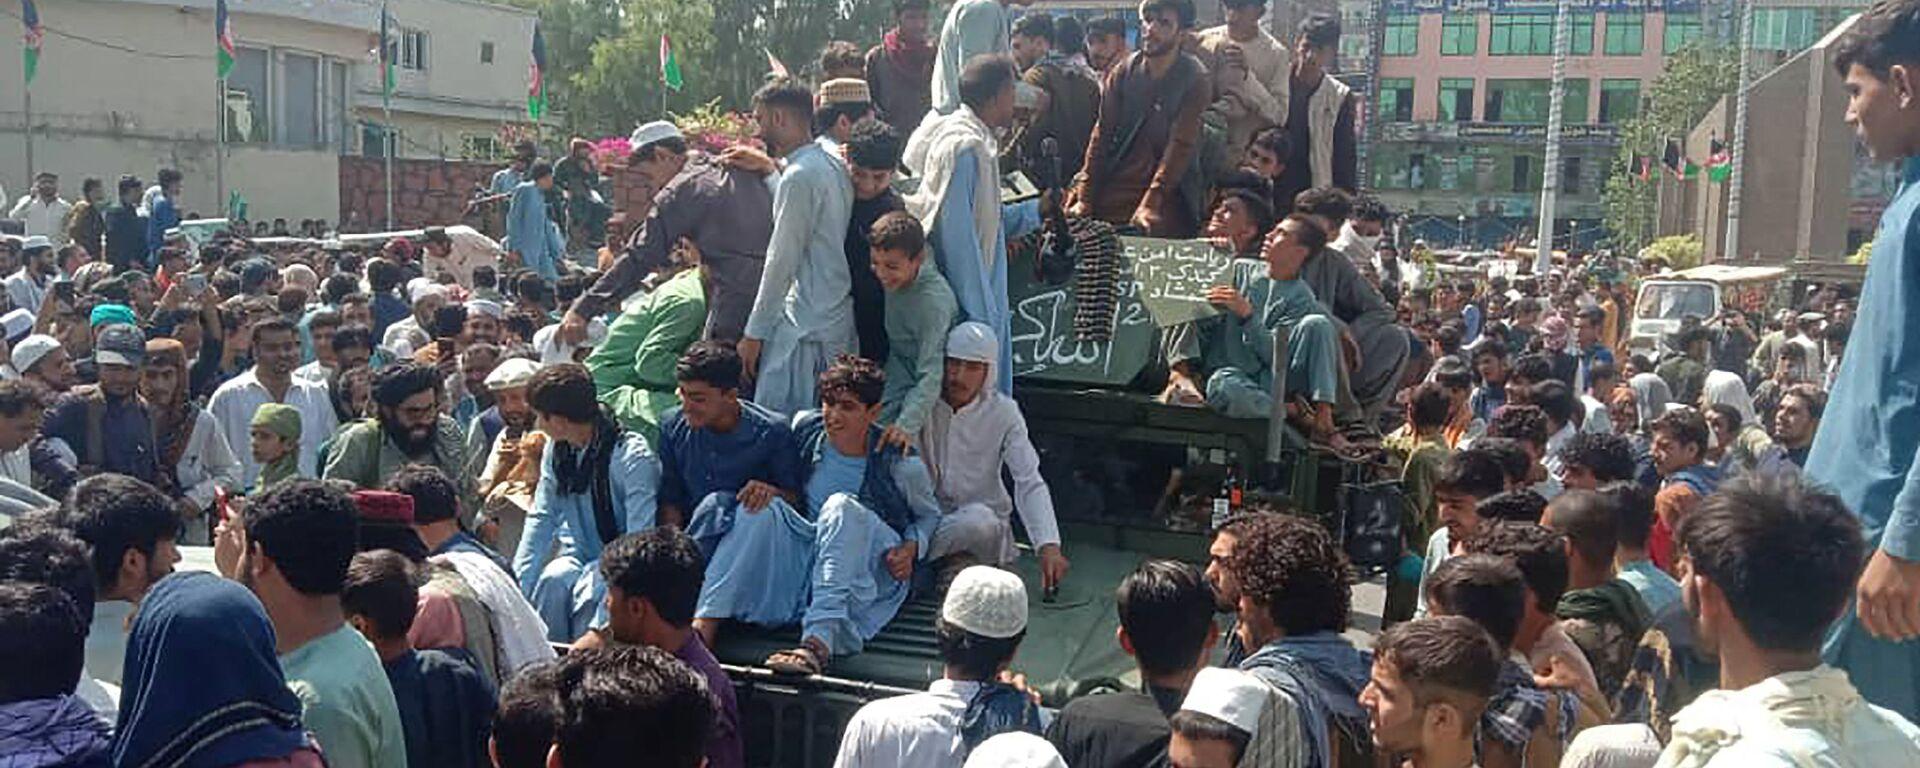 Боевики Талибан* и местные жители на армейском вседорожнике афганской армии в Джелалабаде - Sputnik Latvija, 1920, 01.09.2021